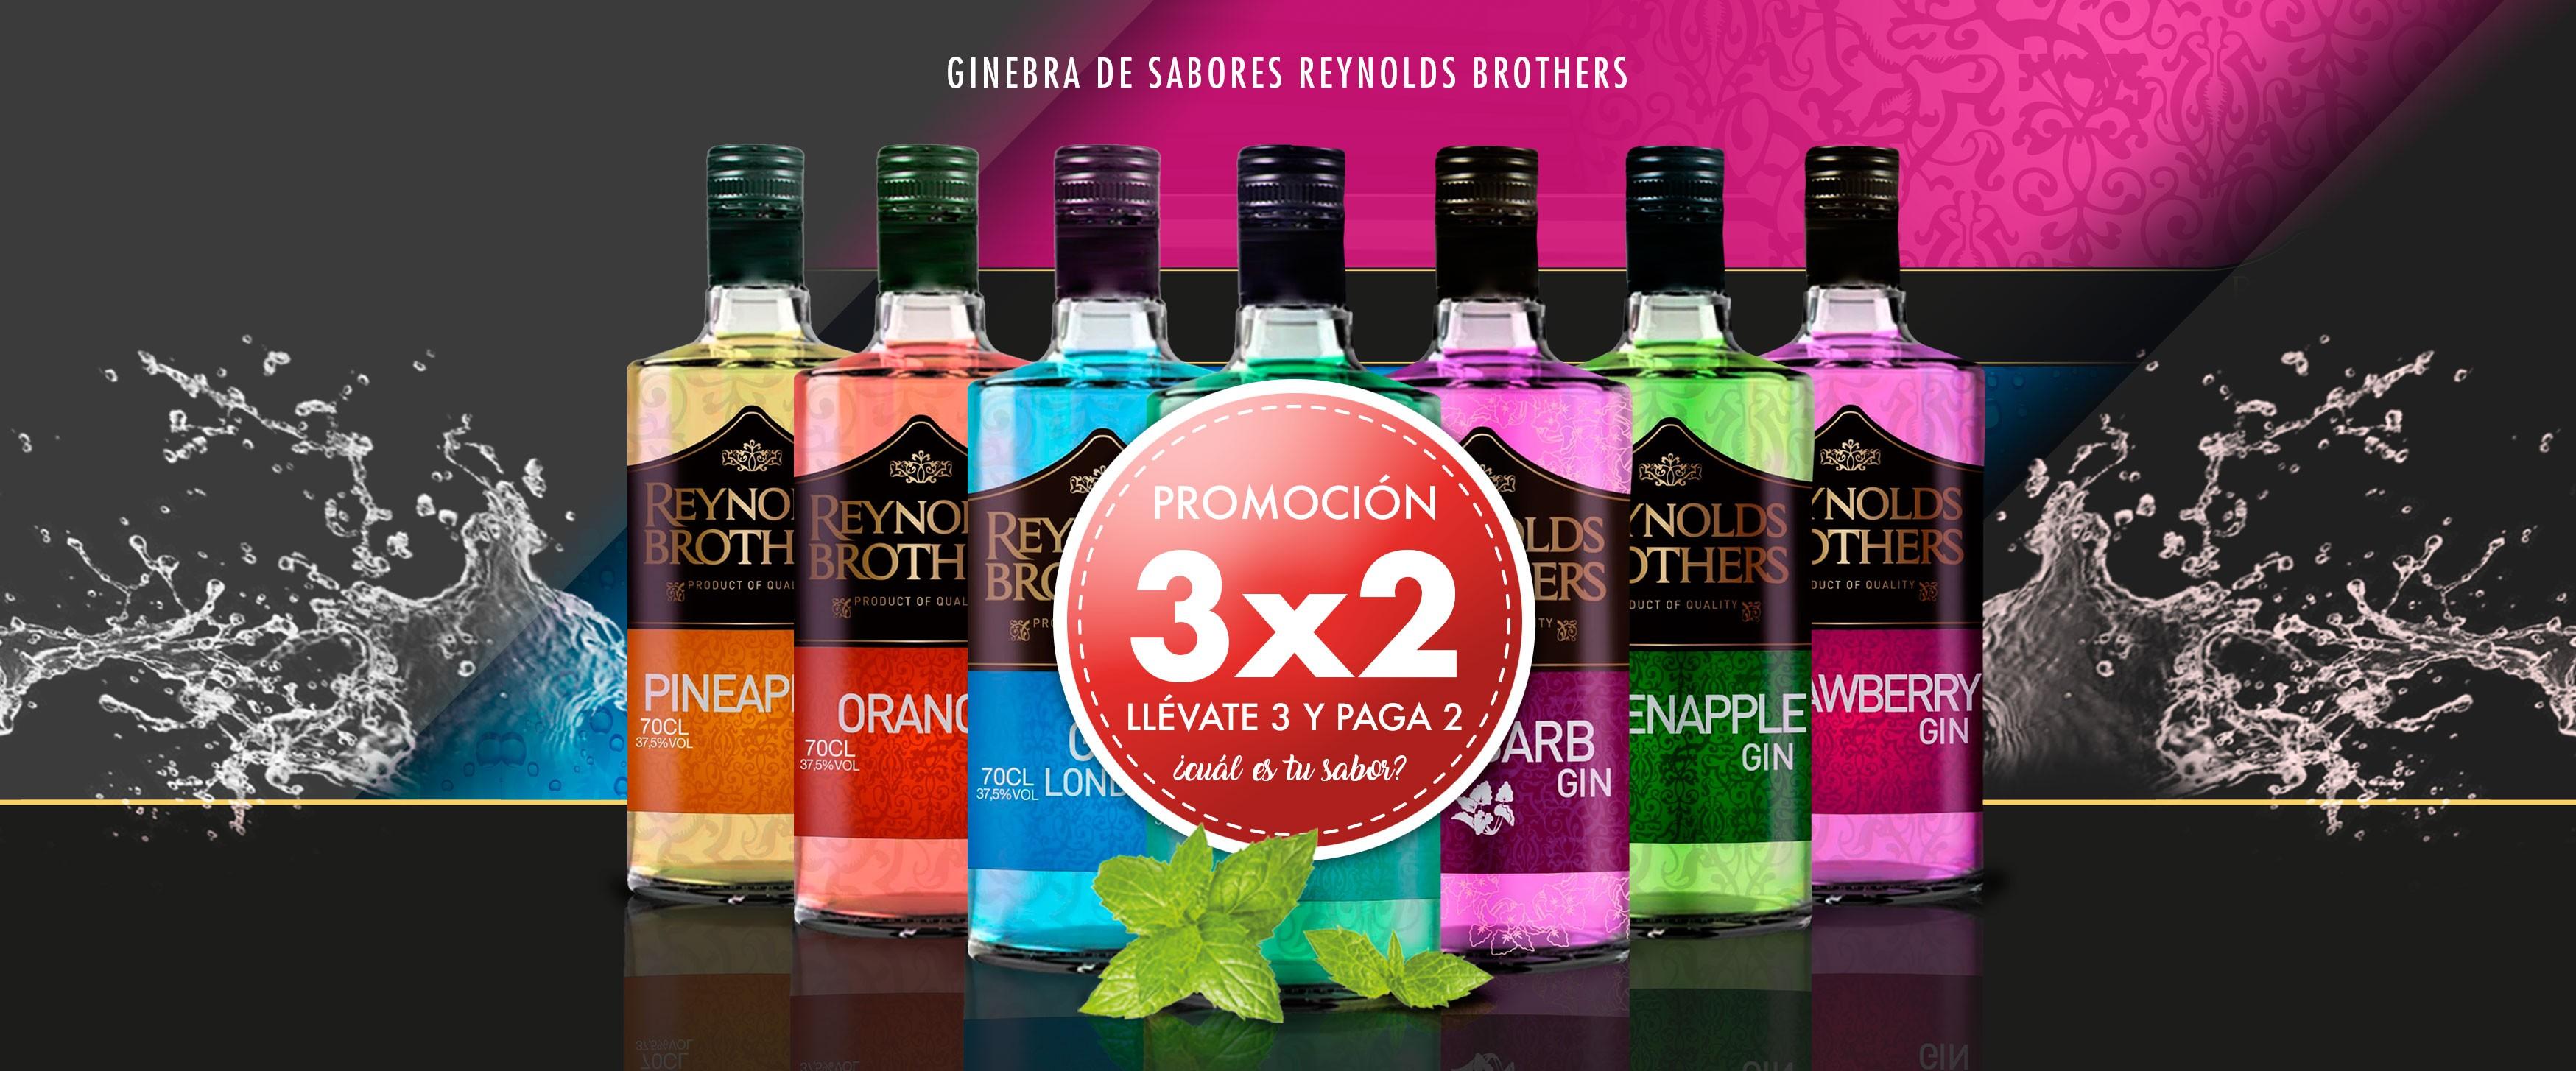 3x2 ginebra sabores